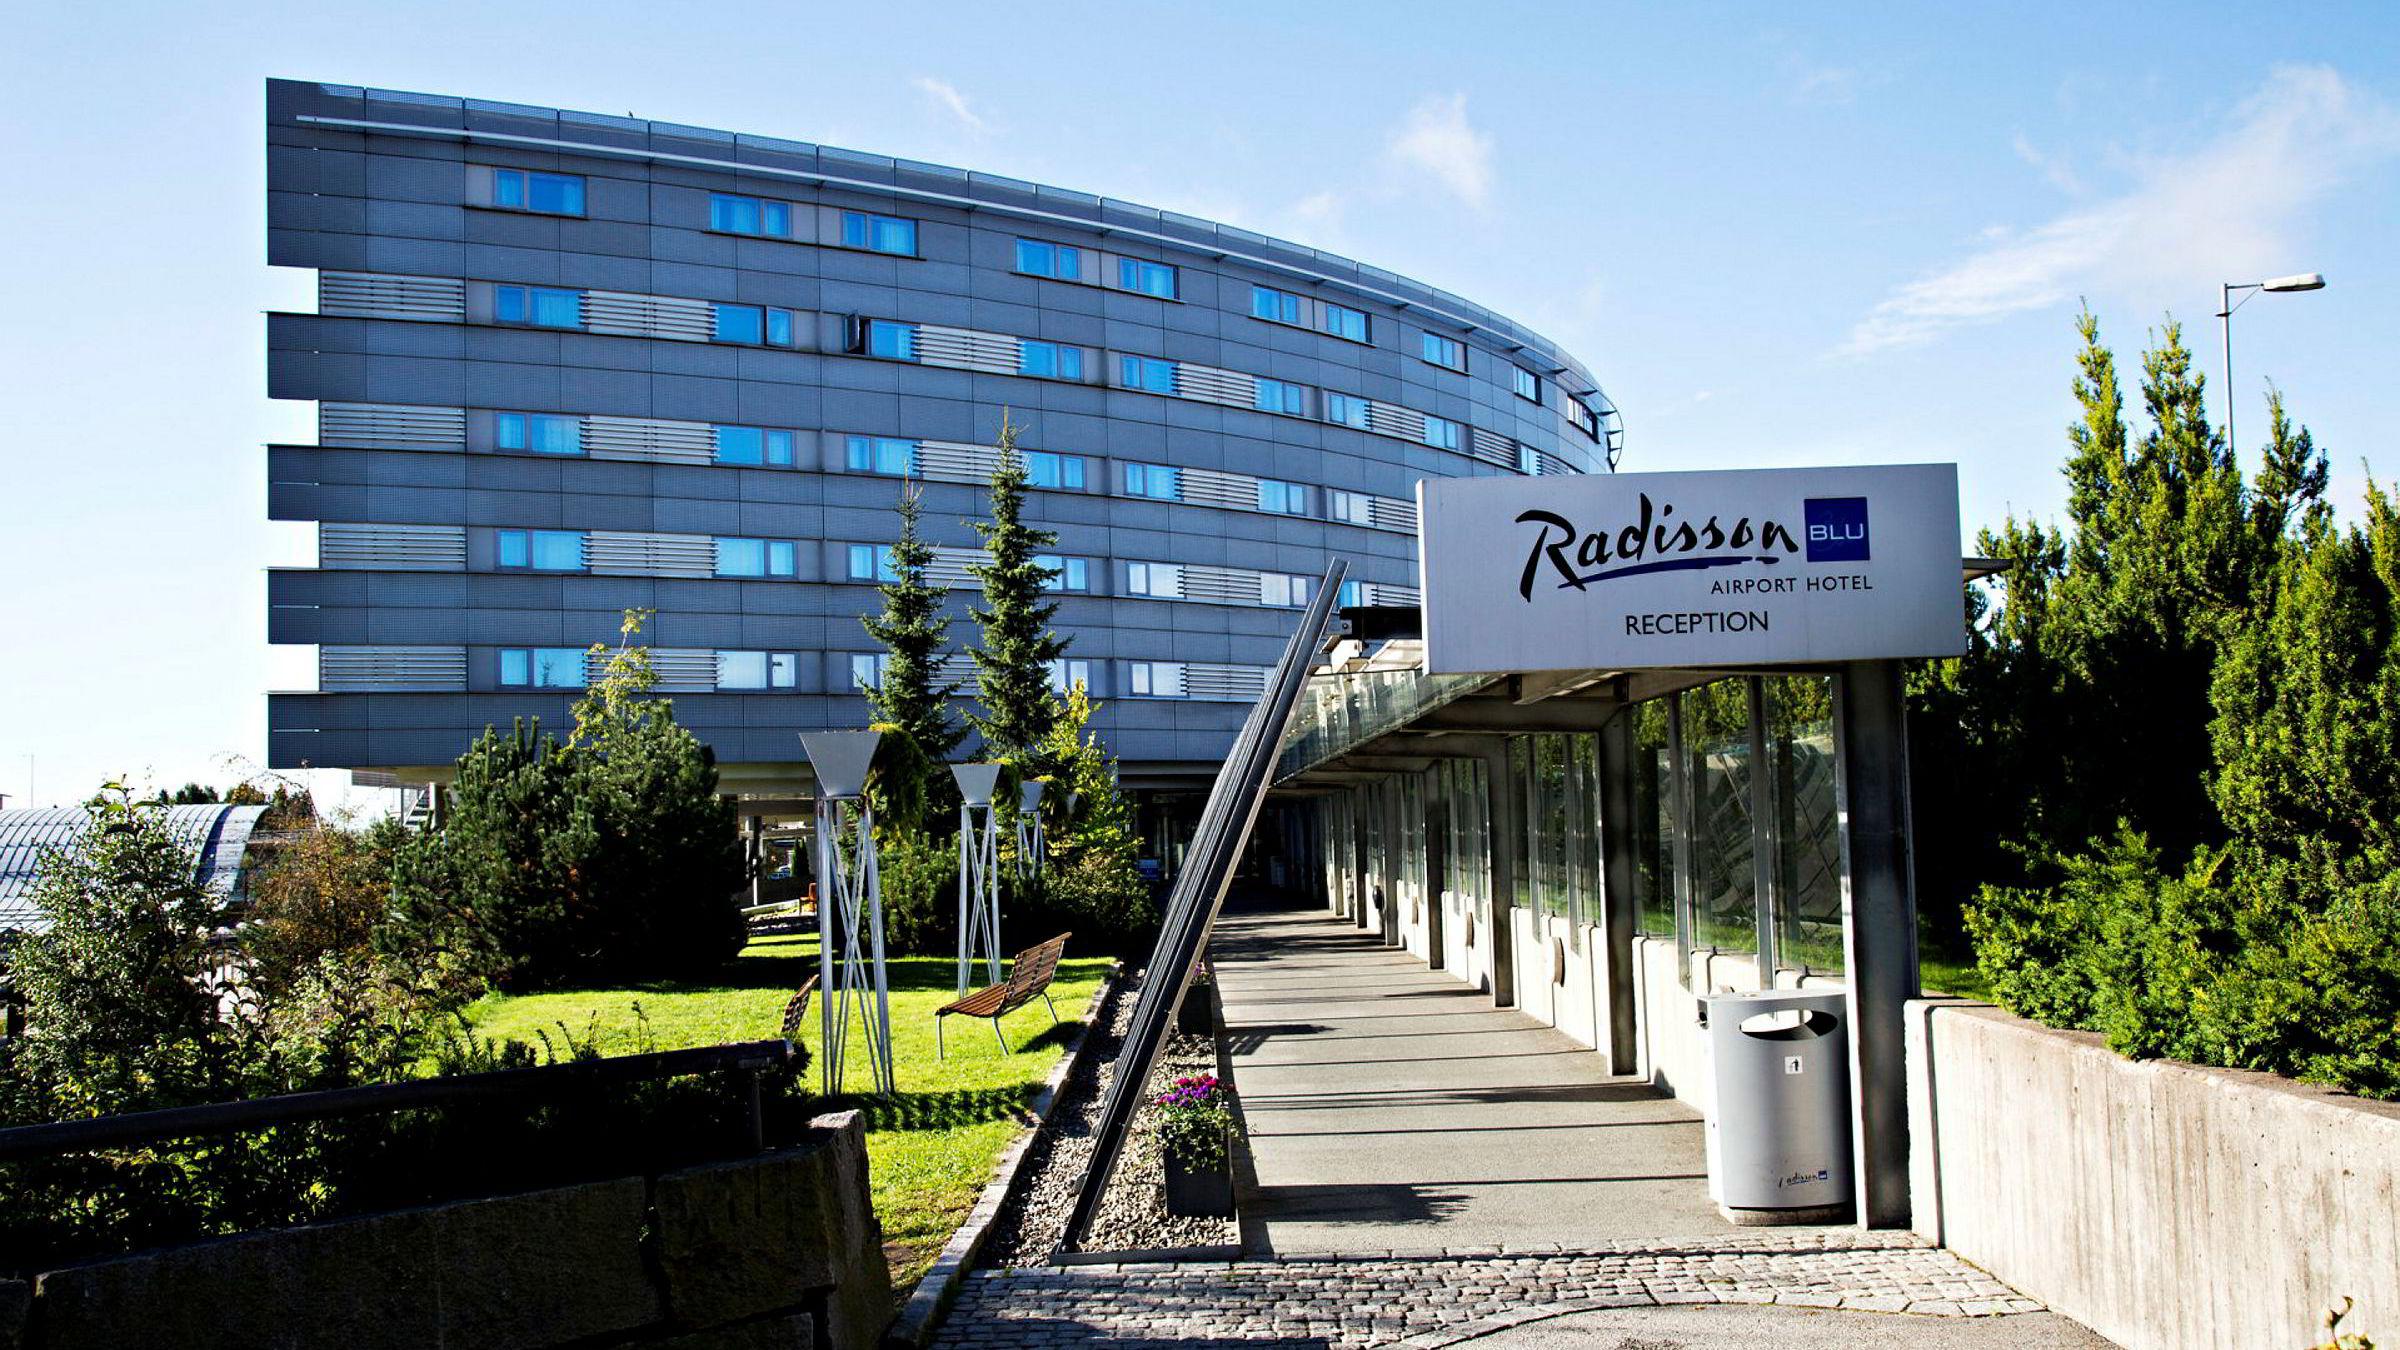 Radisson Blu Airport Hotel på Gardermoen er en av hotellene som er eid av Avinor, men drives av Rezidor Hotel Group.